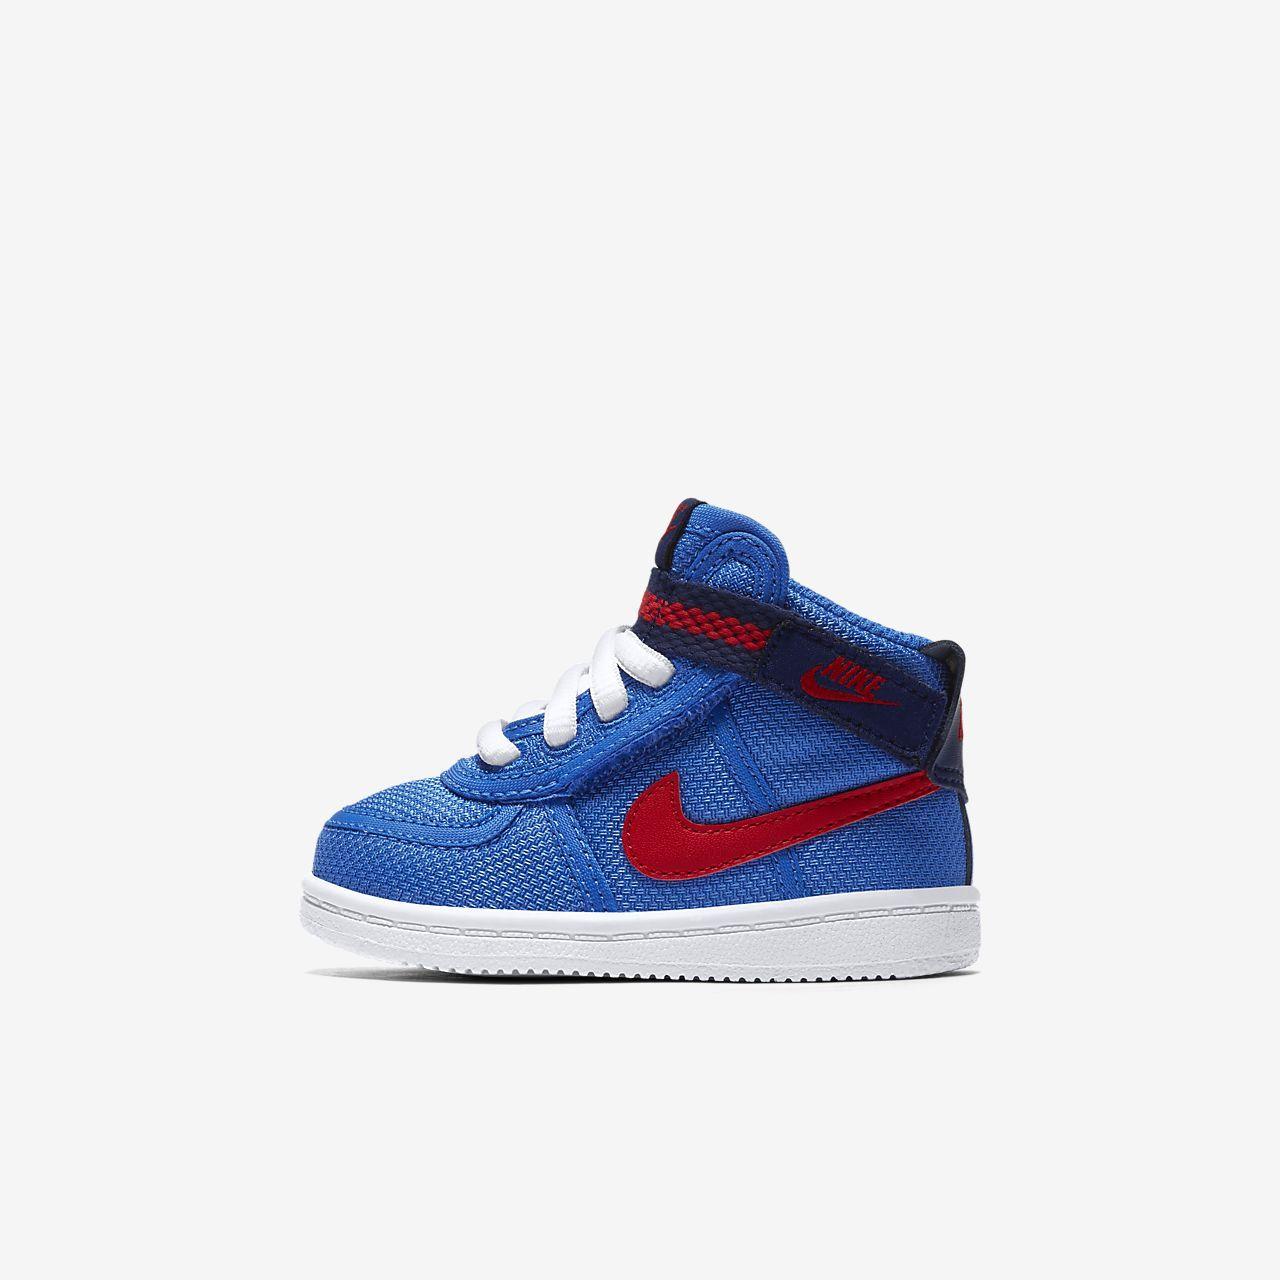 Nike Roshe One InfantToddler Shoe Size 3C (Blue